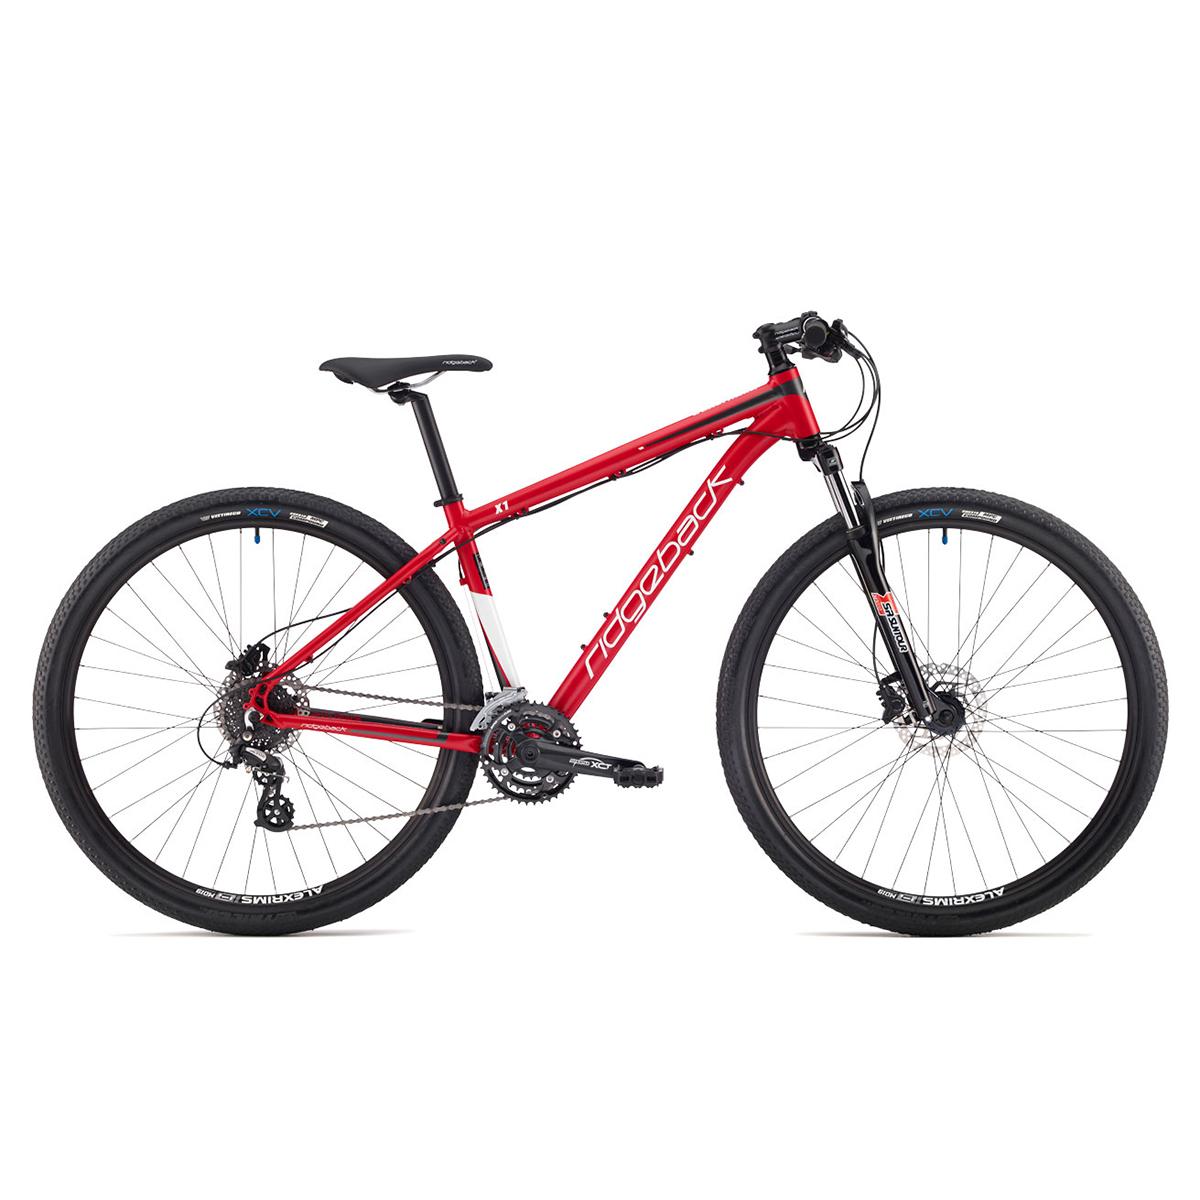 Hardtail Mountain Bikes